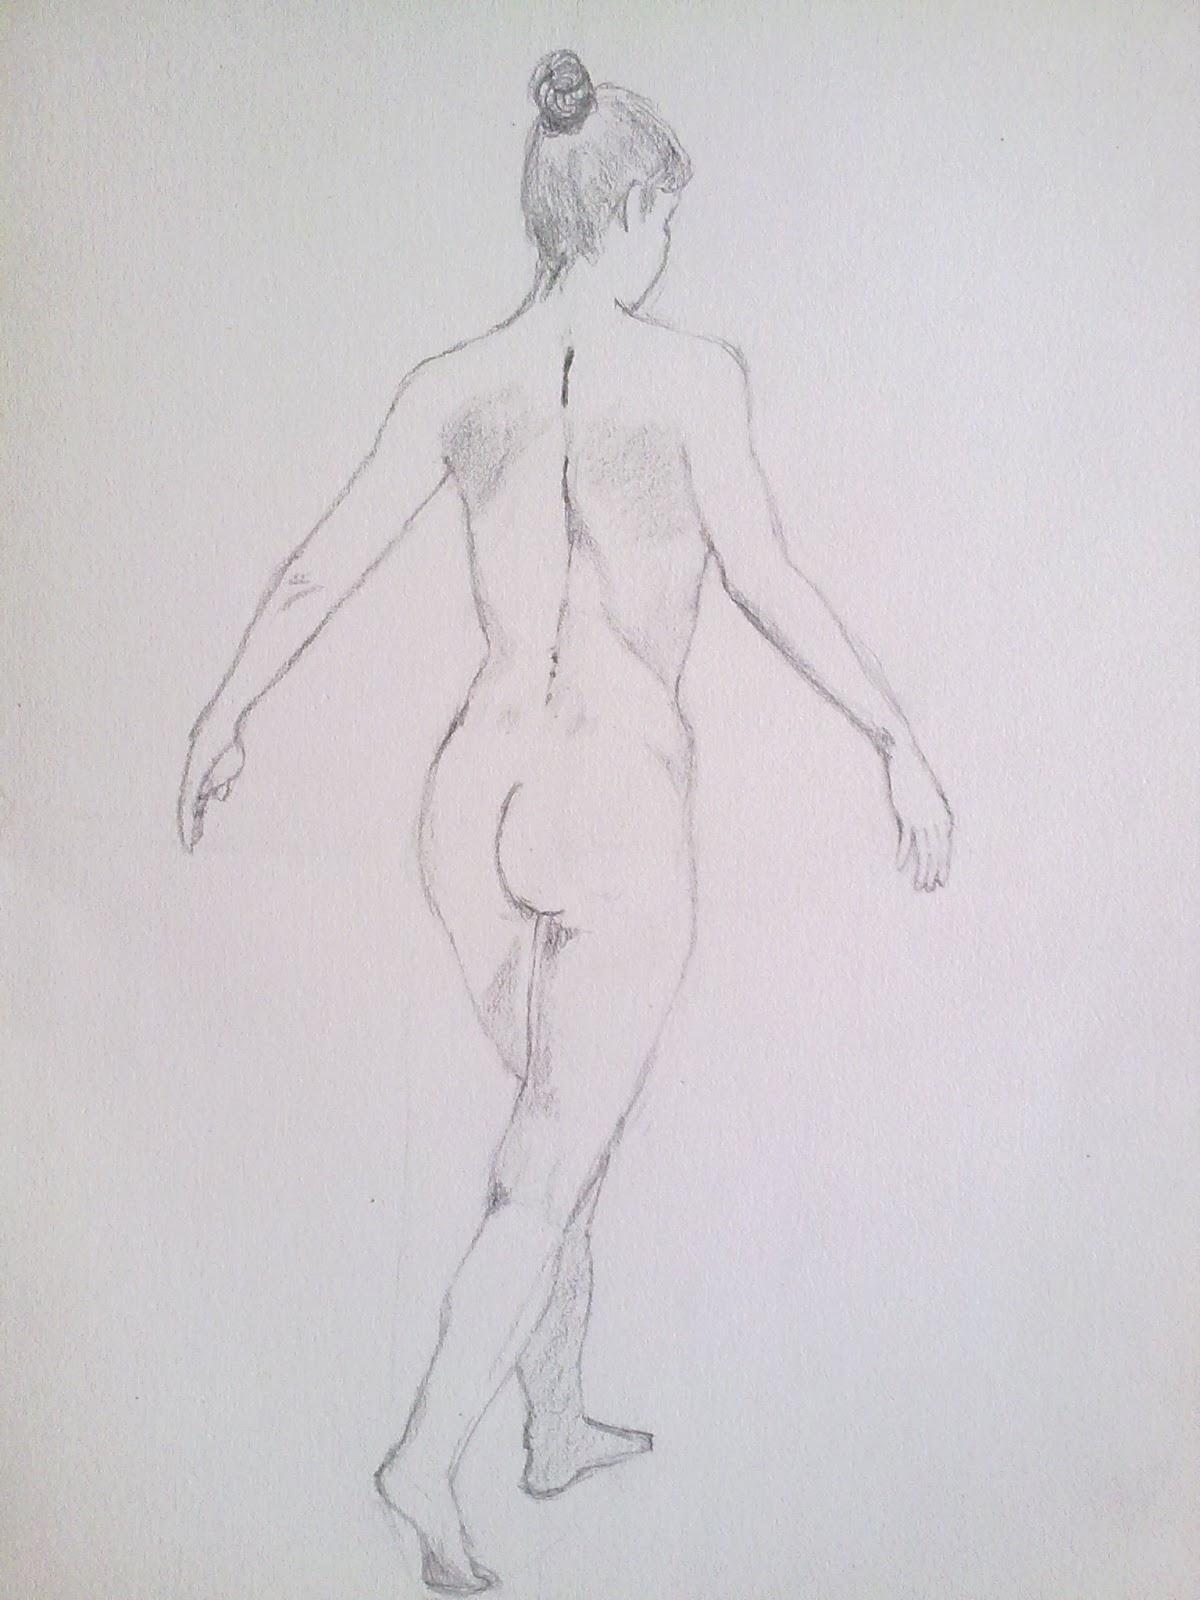 Esqueleto Dibujo a Lapiz Dos Dibujos Realizados a Lápiz